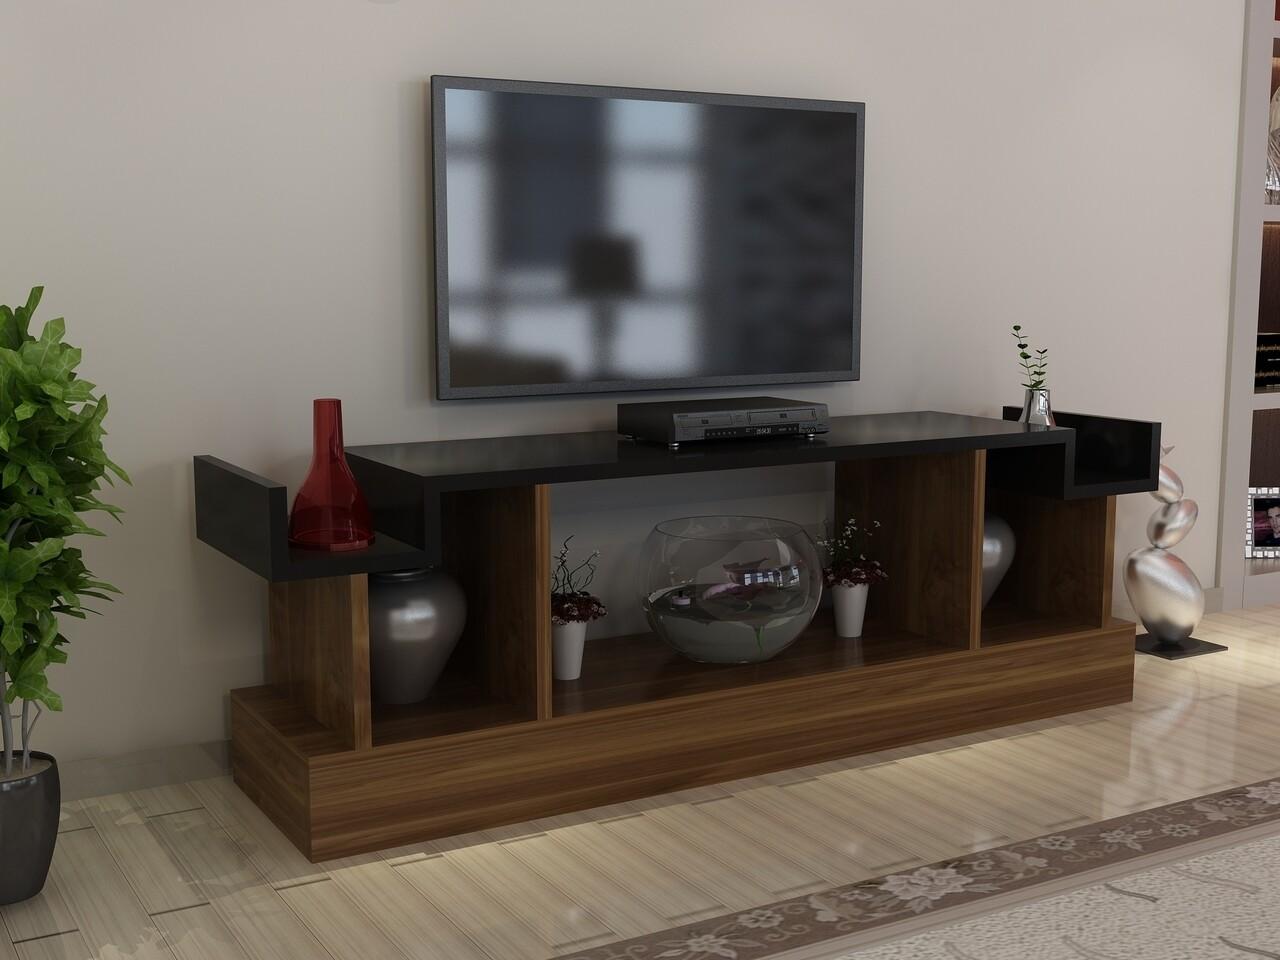 Comoda TV CAKIL, Gauge Concept, 127x30x48 cm, PAL, aluna/negru